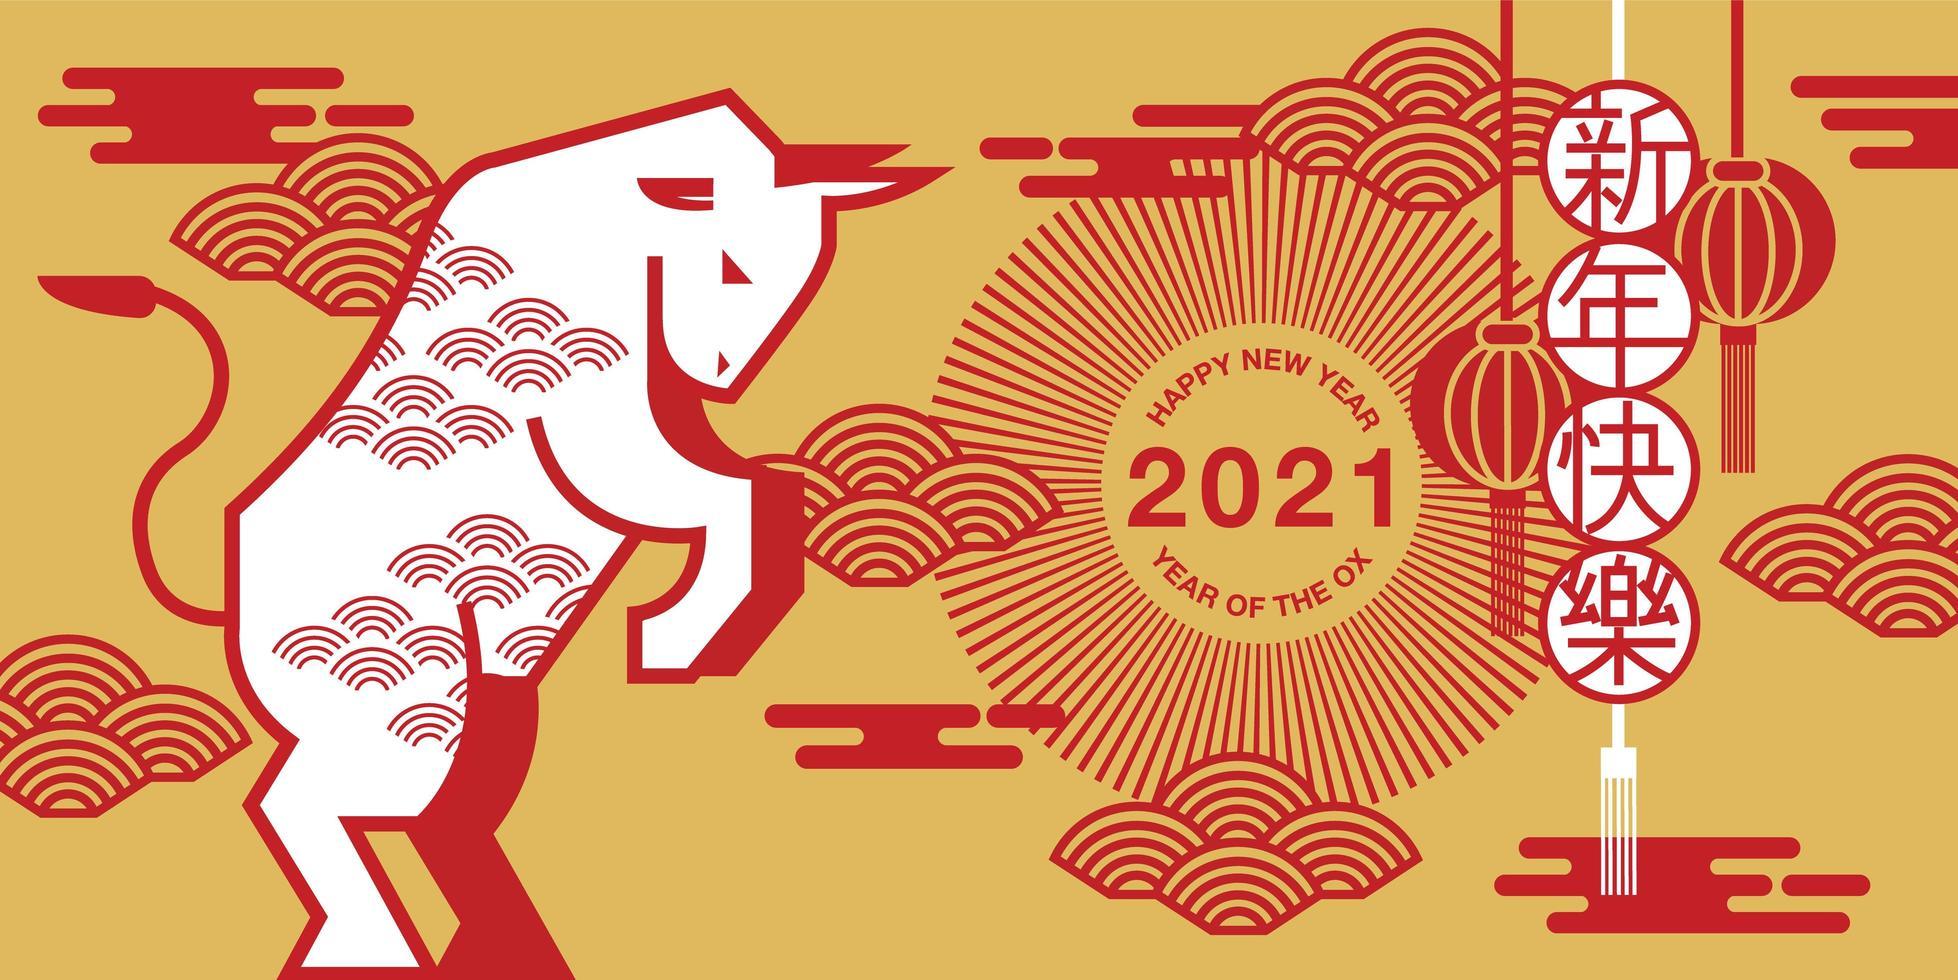 Año nuevo chino 2021 banner con buey en las patas traseras vector